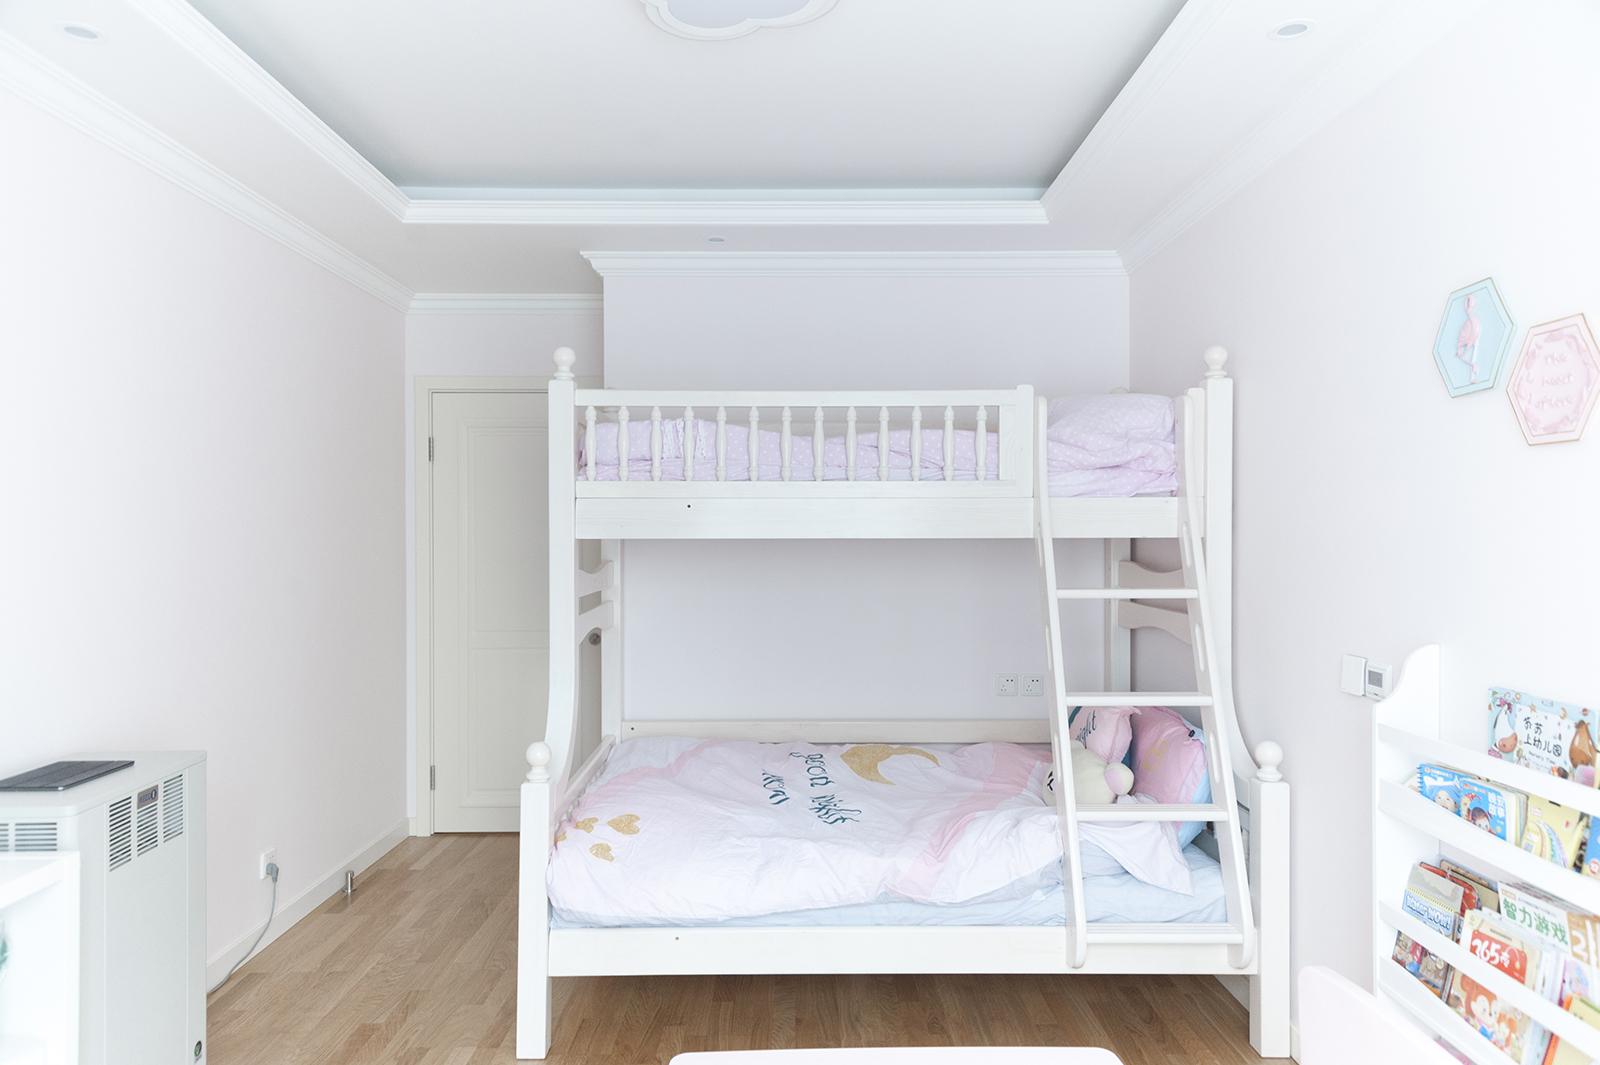 二居室美式风格家儿童床图片